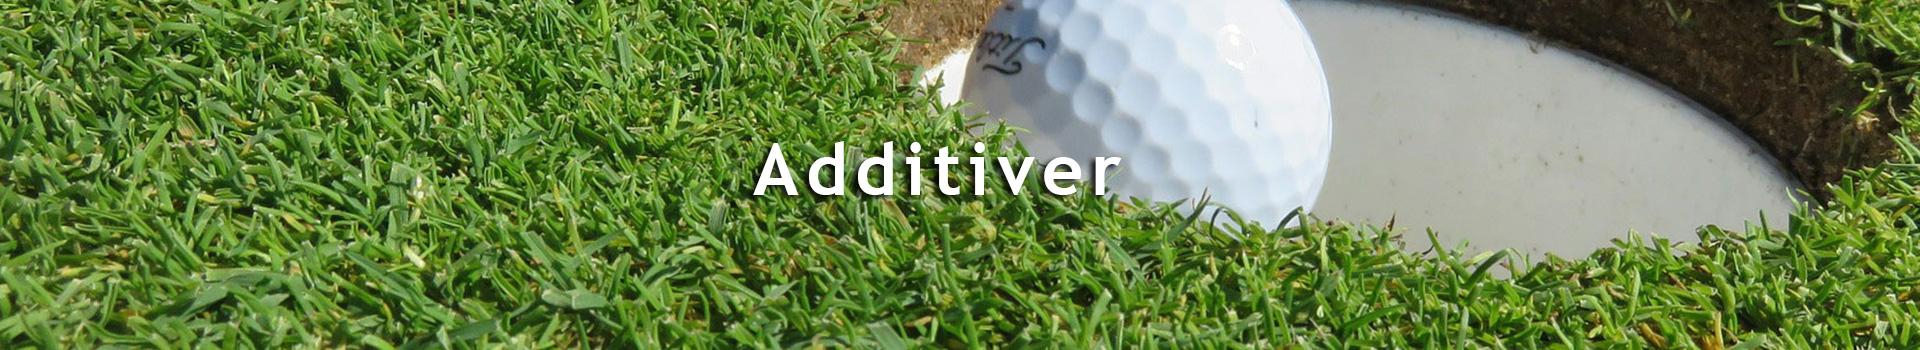 Kategoribillede_Additiver_DK